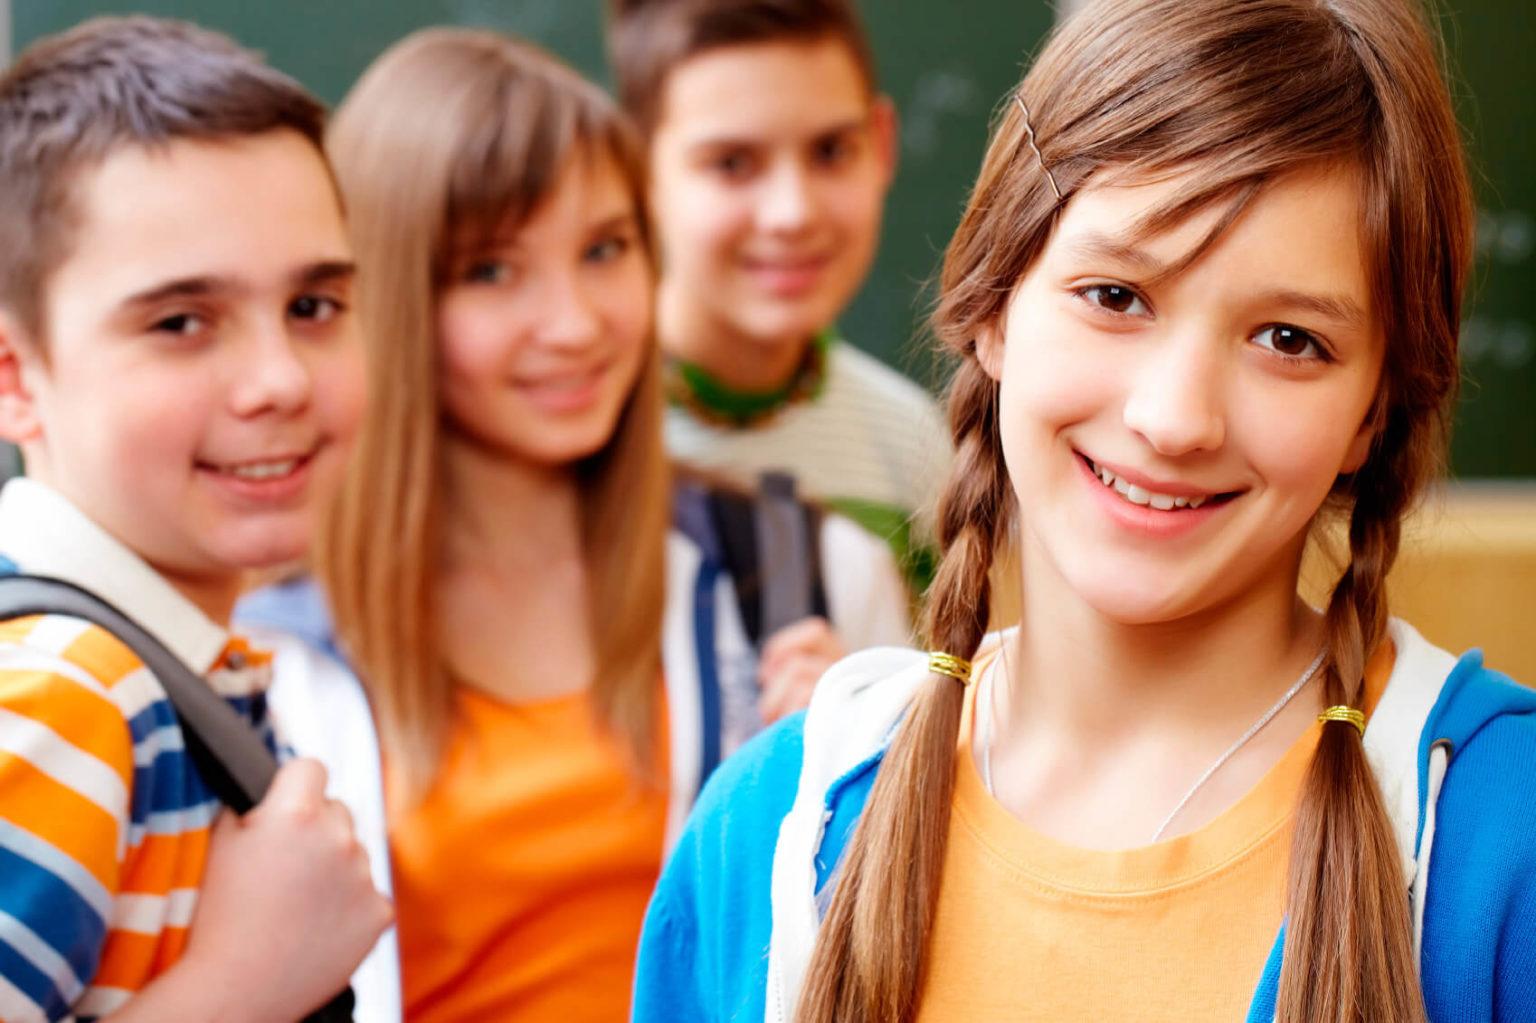 Подросток не хочет общаться со сверстниками. Что делать? - 1